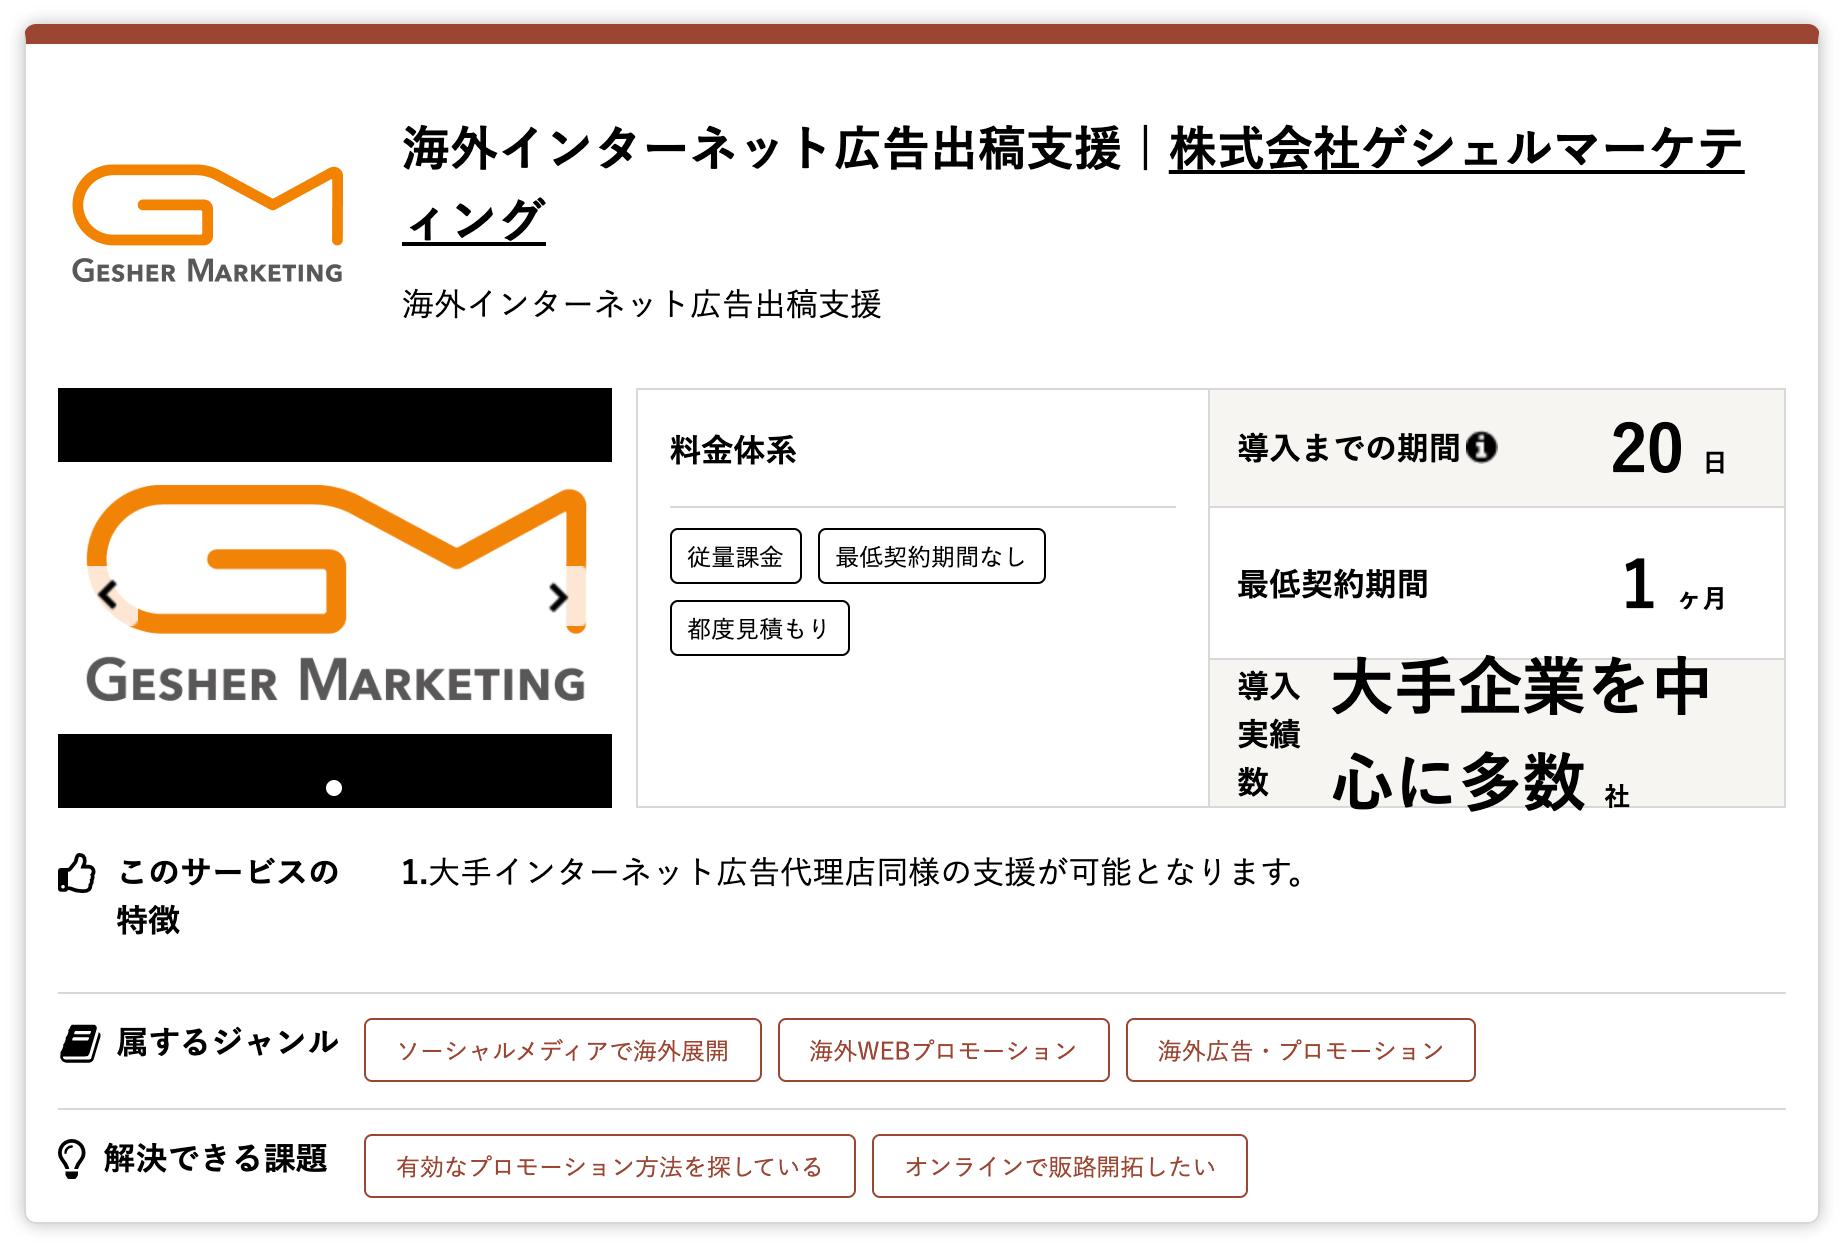 株式会社ゲシェルマーケティング_